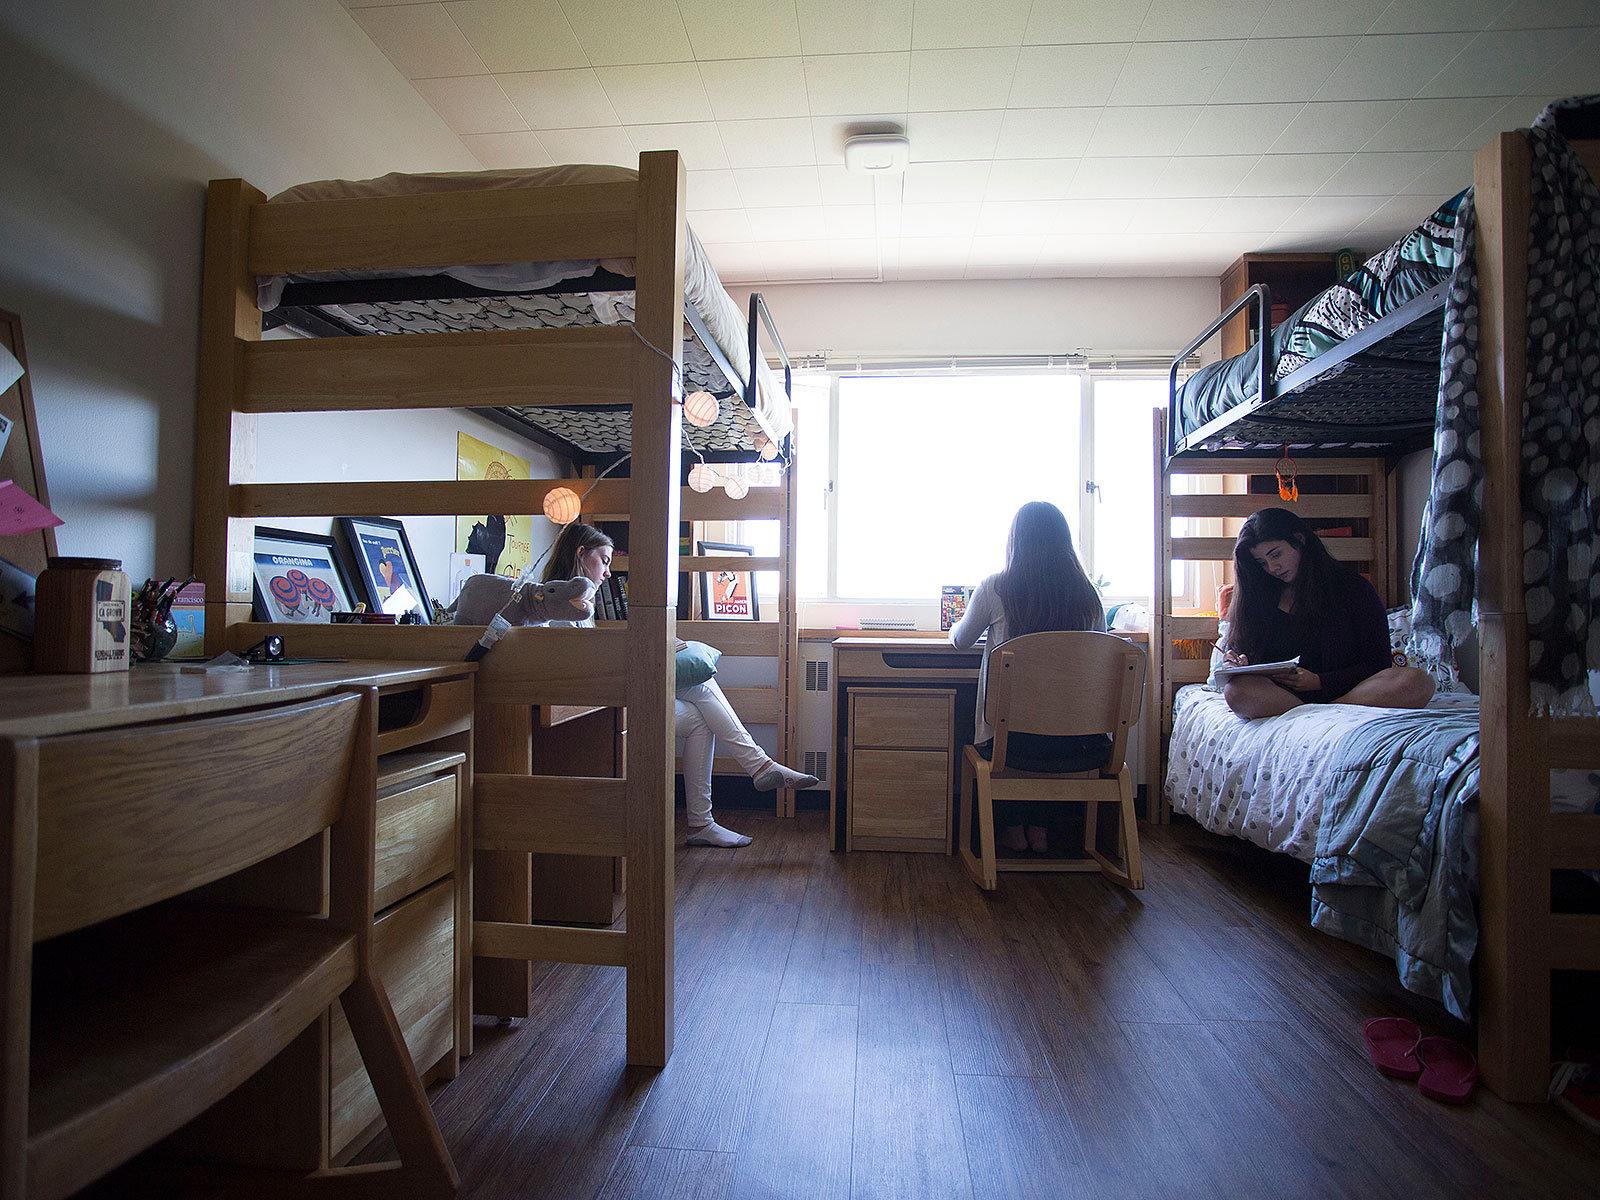 Accomodation at IBI, Dorm Bed No.1